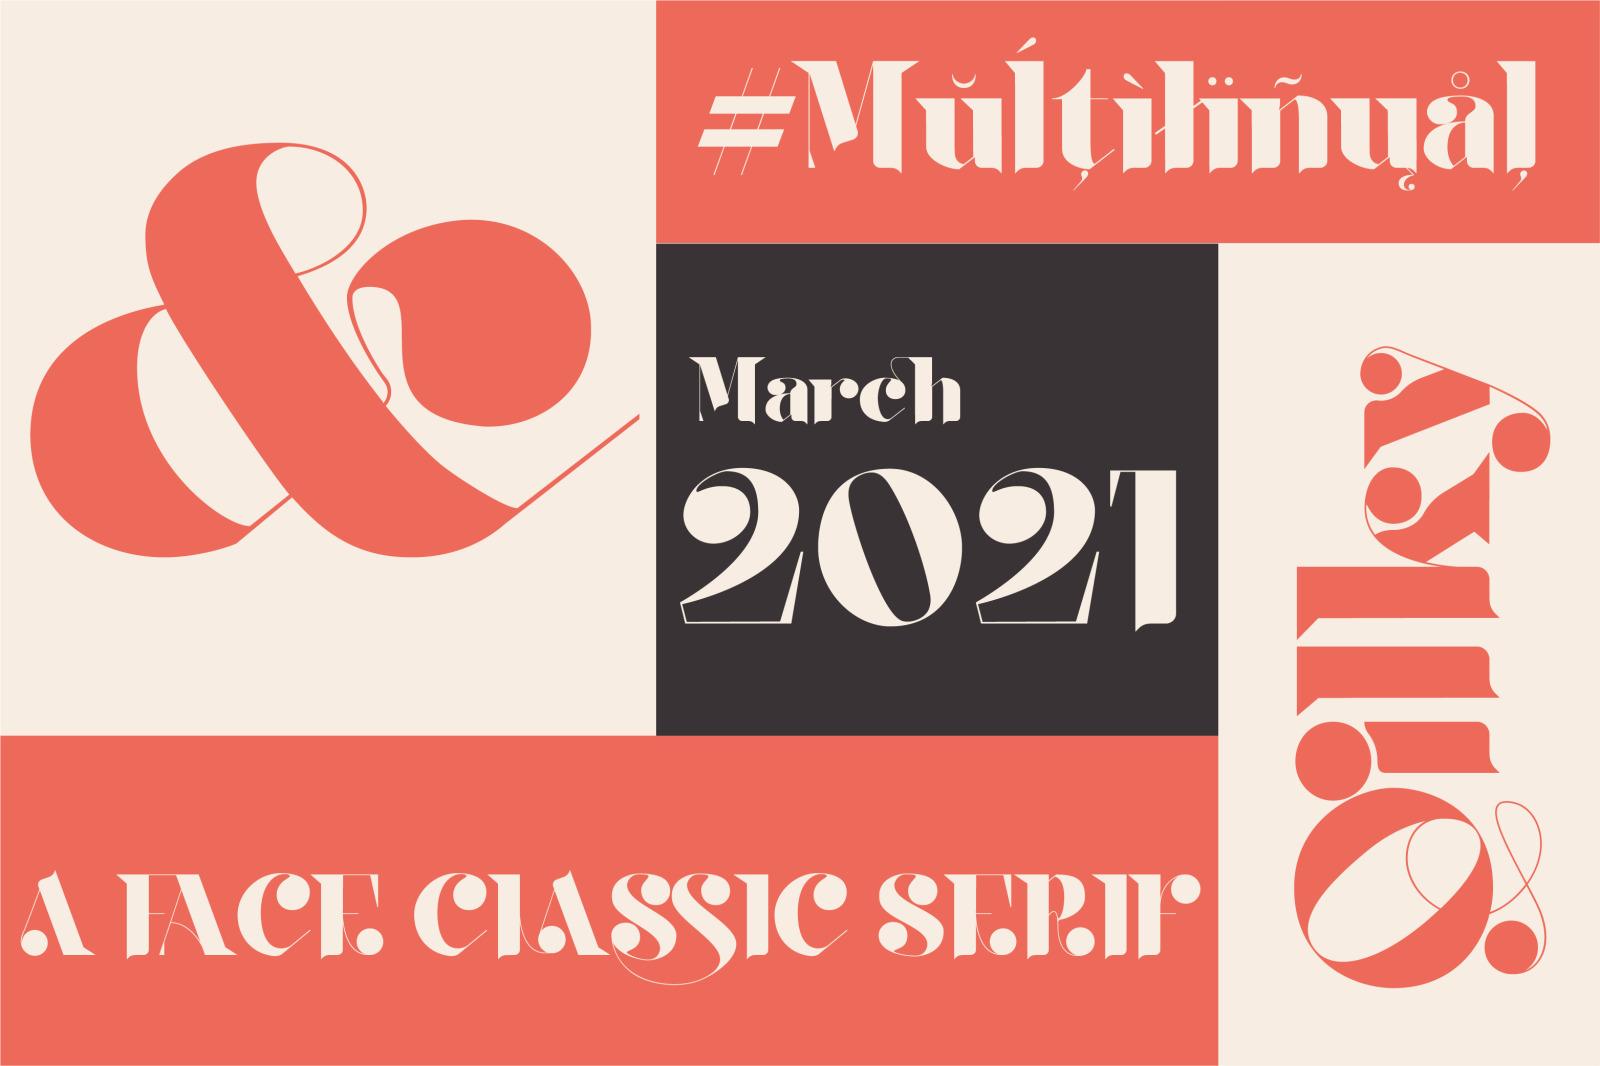 时尚复古品牌徽标Logo海报标题设计衬线英文字体素材 Qilky Font插图7